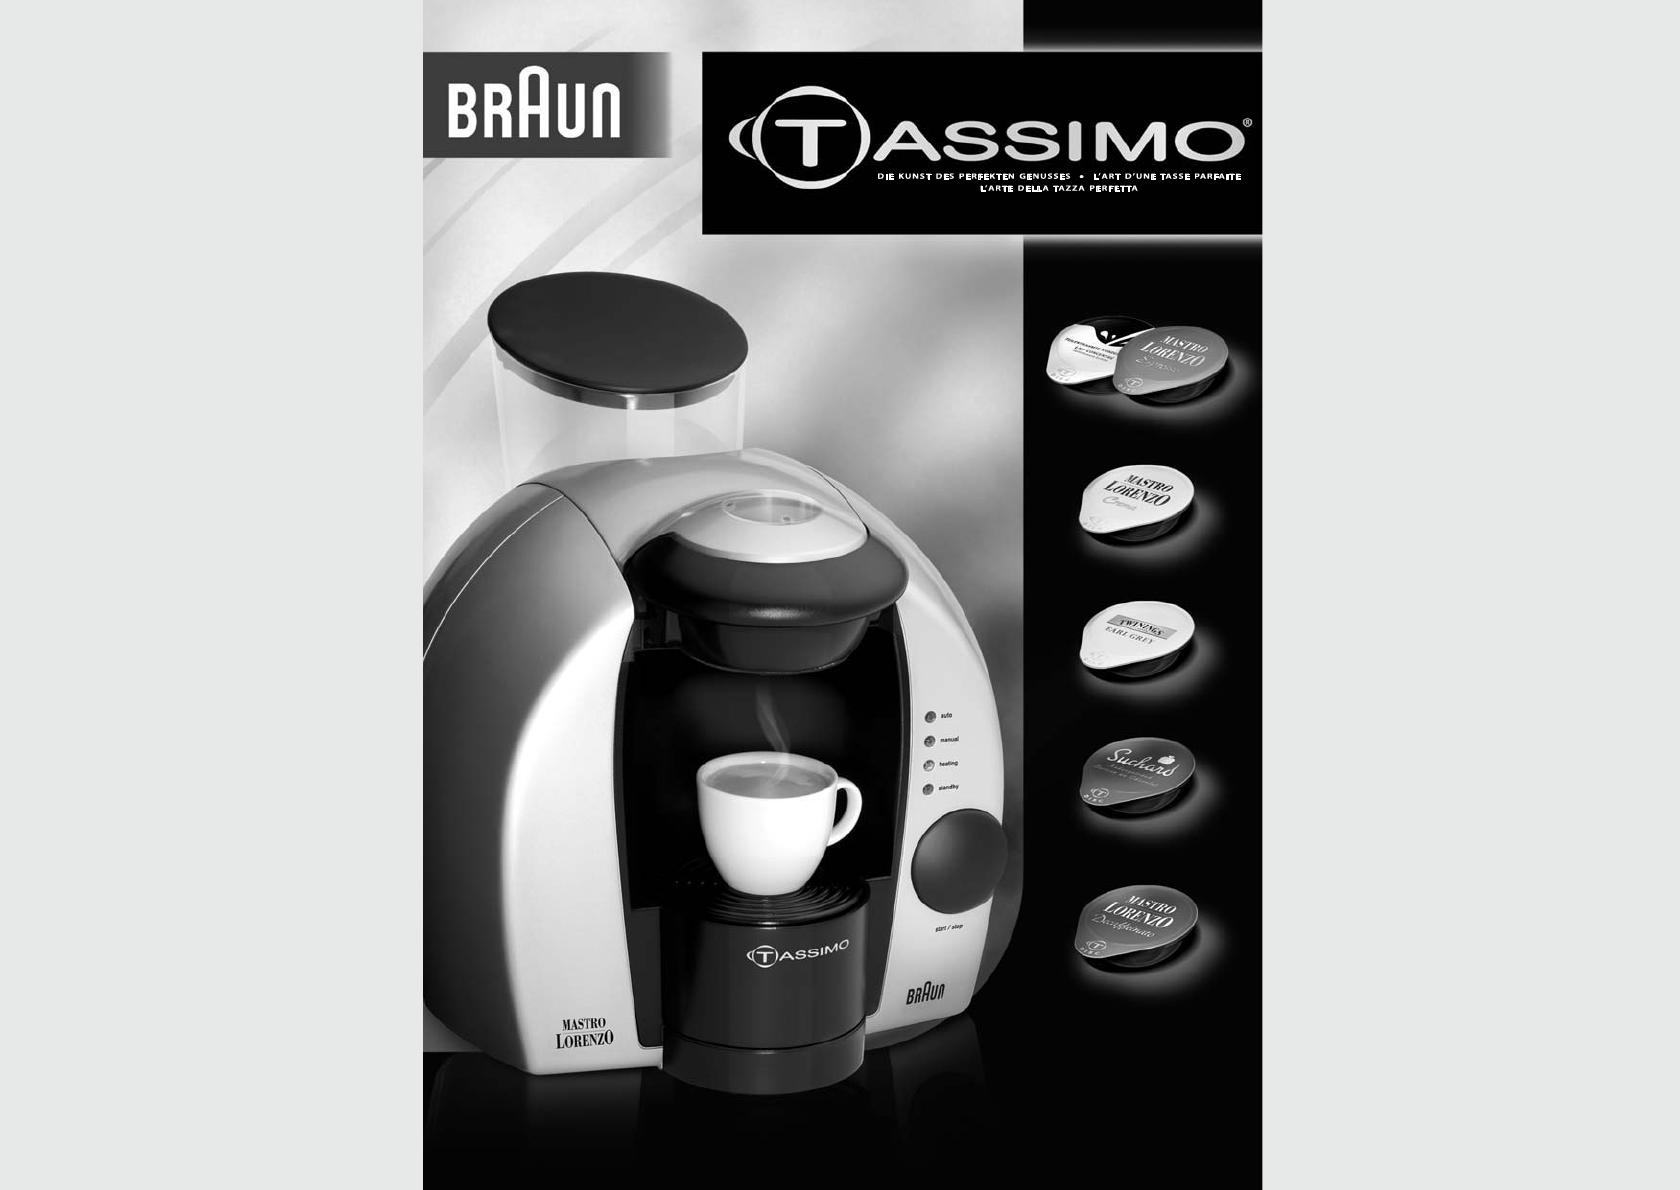 bedienungsanleitung braun tassimo seite 1 von 23 deutsch franz sisch italienisch. Black Bedroom Furniture Sets. Home Design Ideas